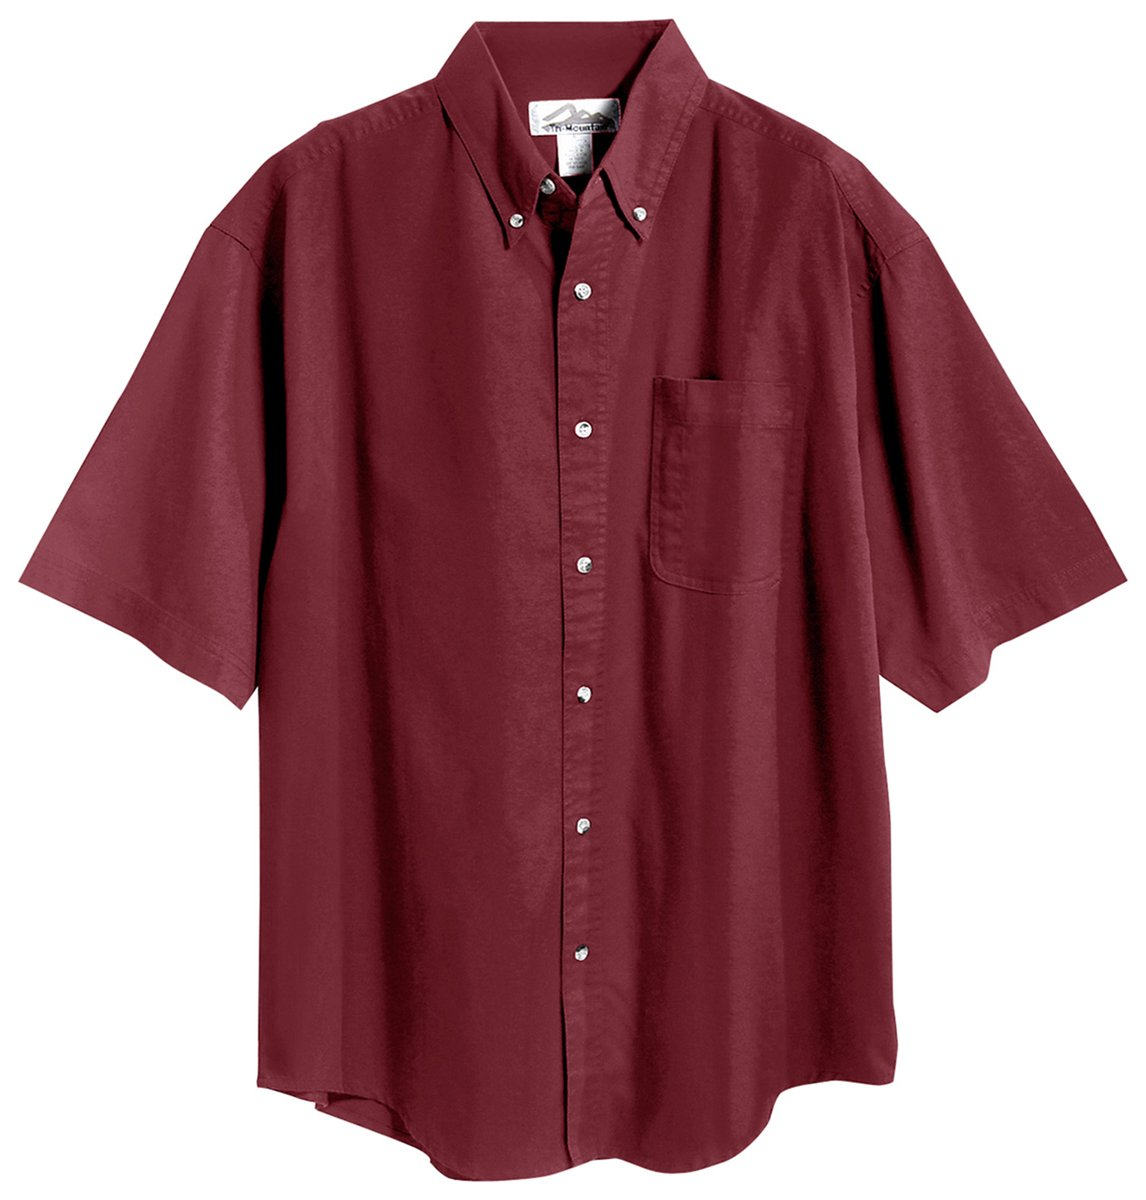 Tri-Mountain 768 Recruit Teflon Stain-Resistant Woven Shirt, Maroon, 6XLT